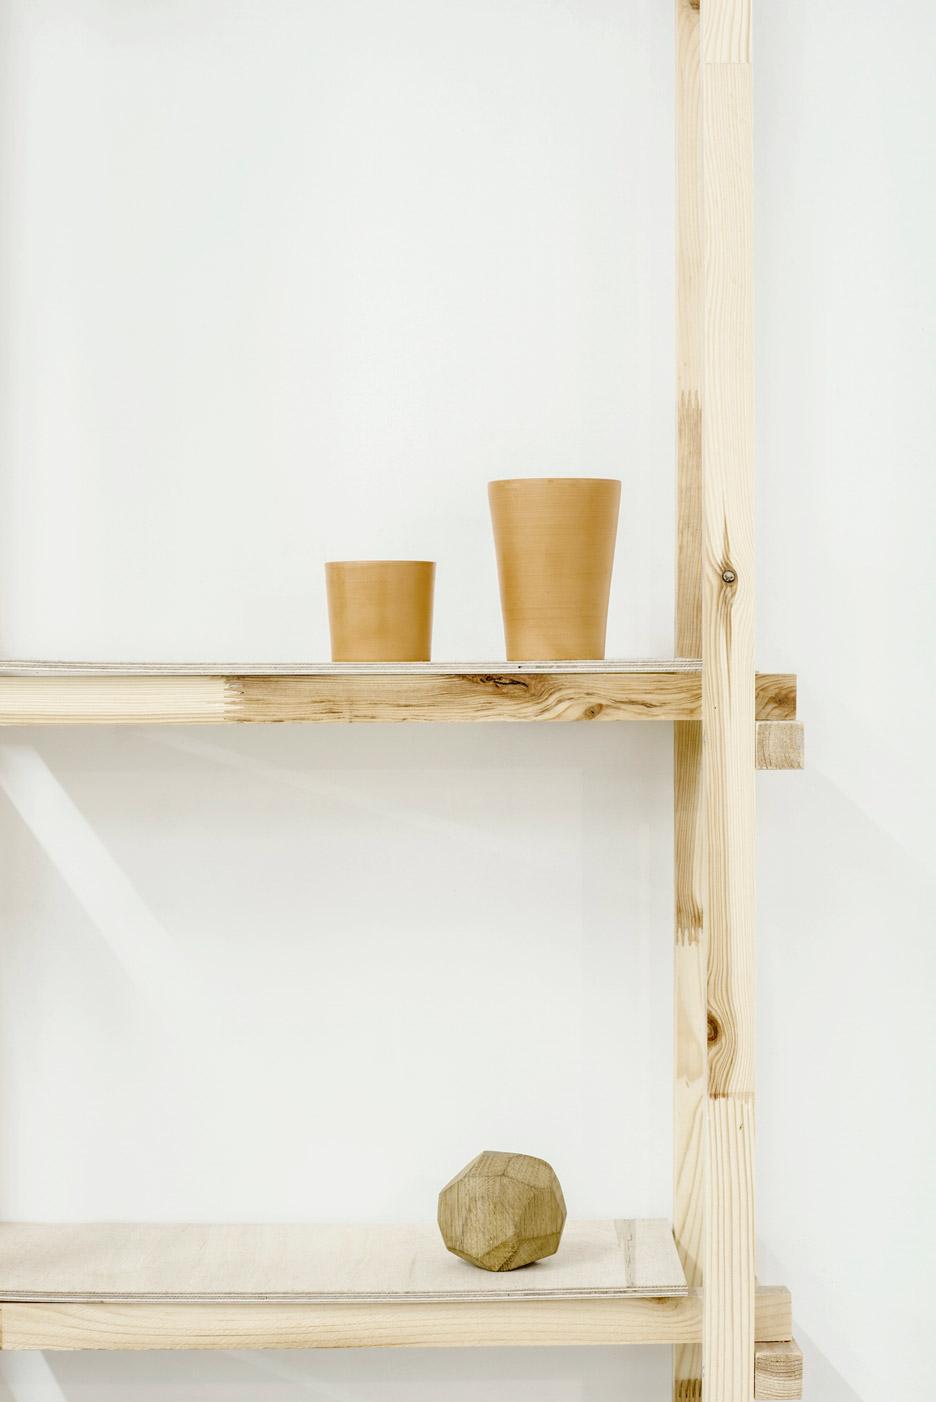 Crooked Nose & Coffee Stories by Inga Pieslikaitė